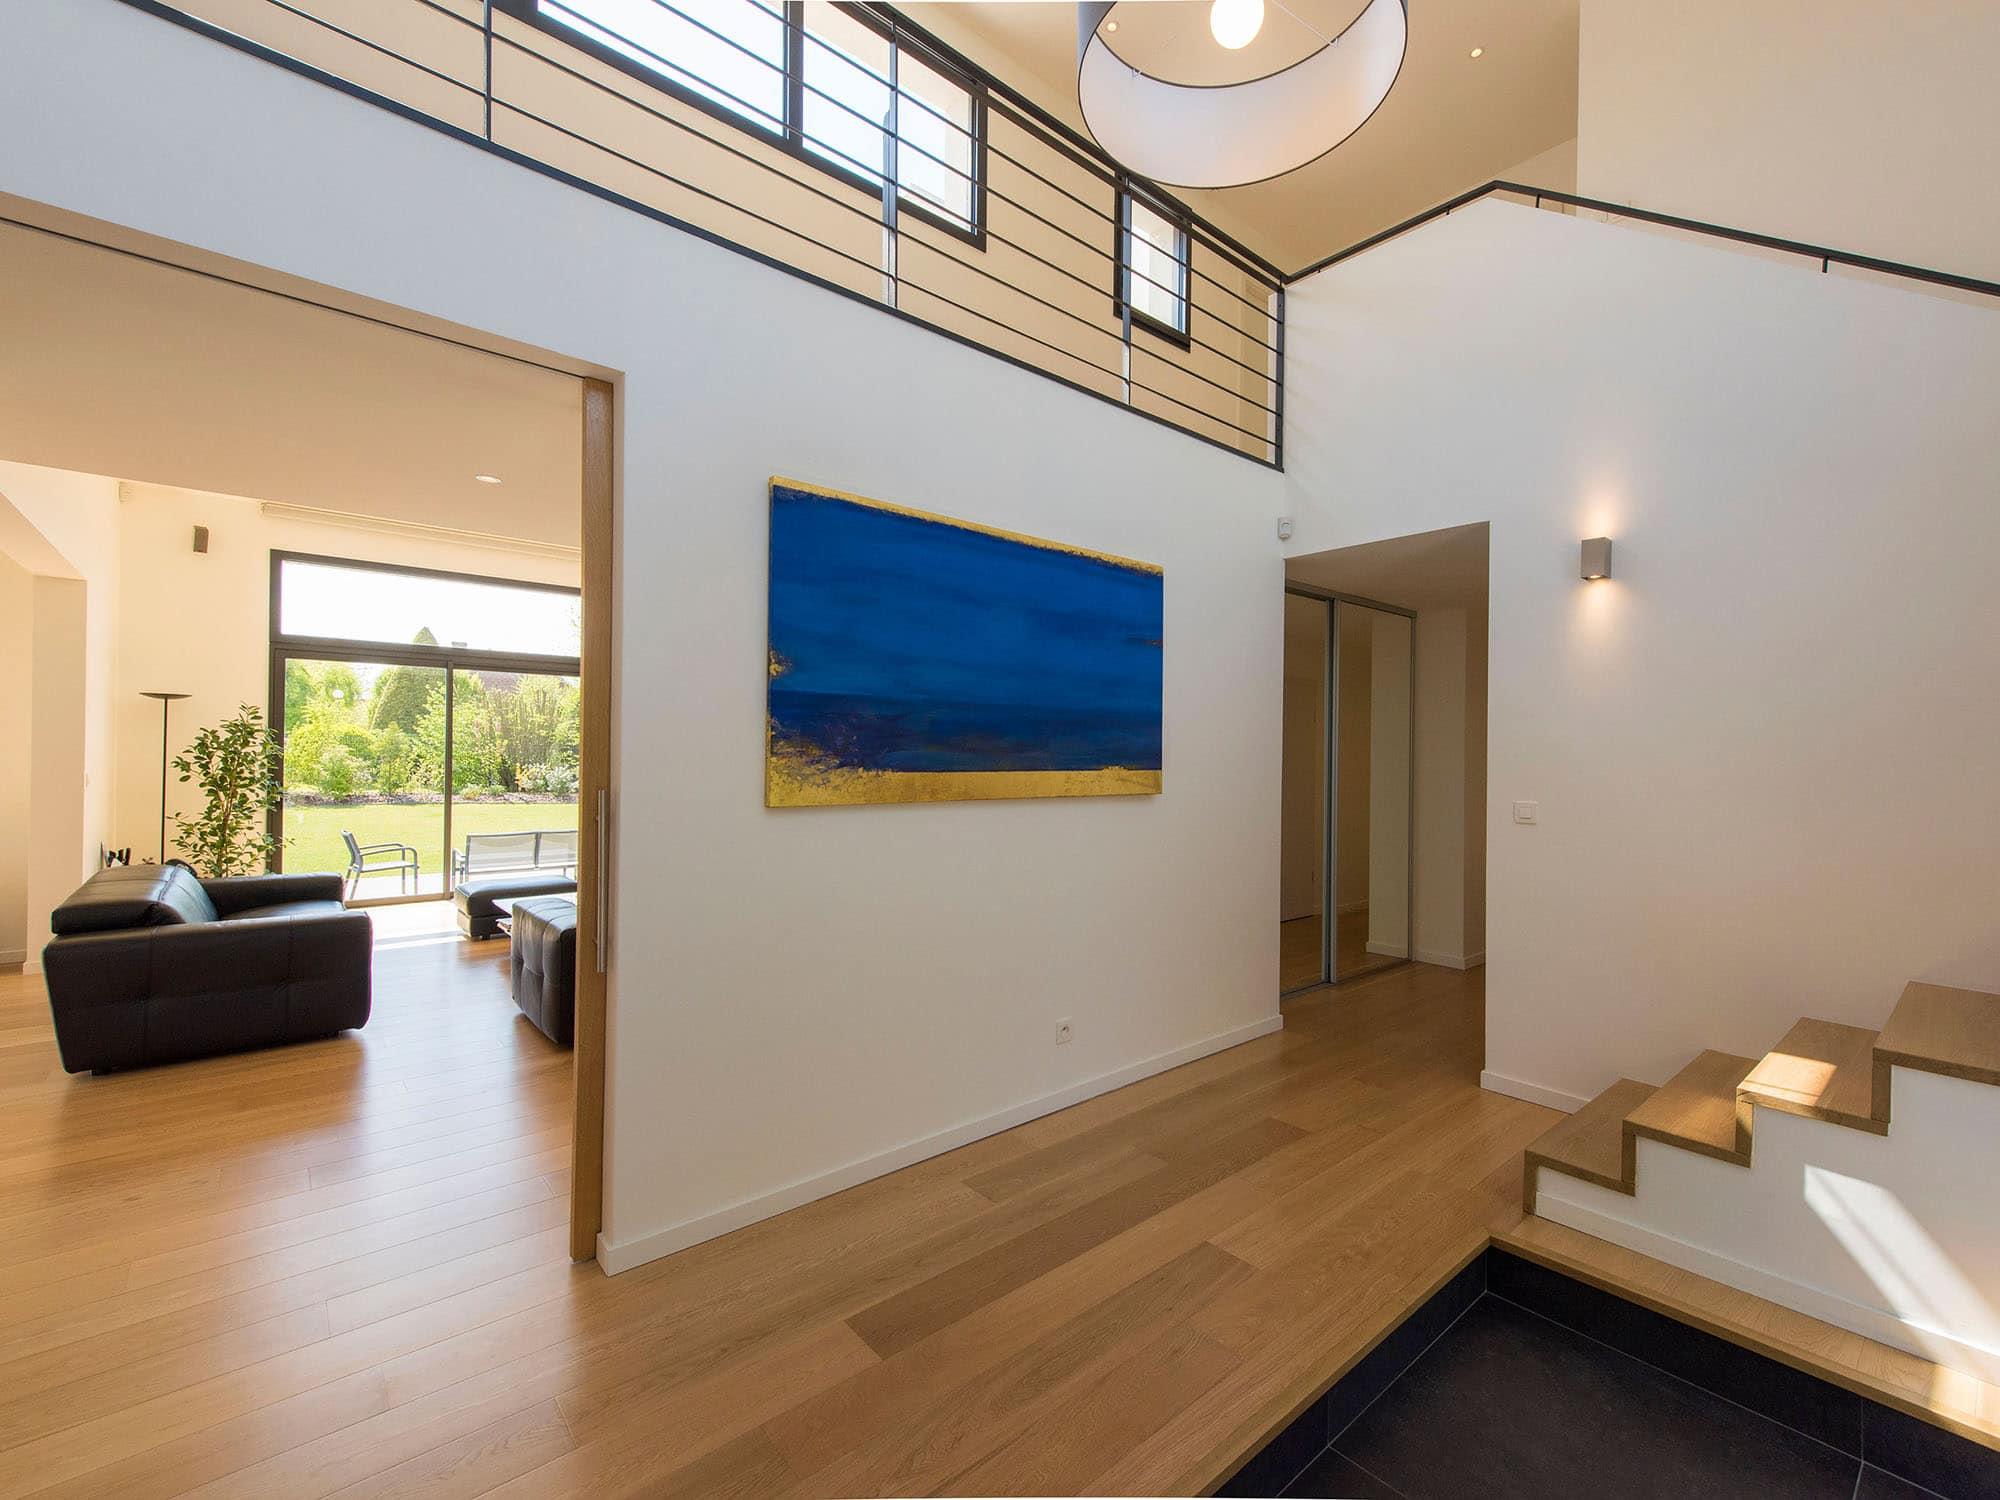 Maison cubique enduit et briques grises - Interieur maison cubique ...